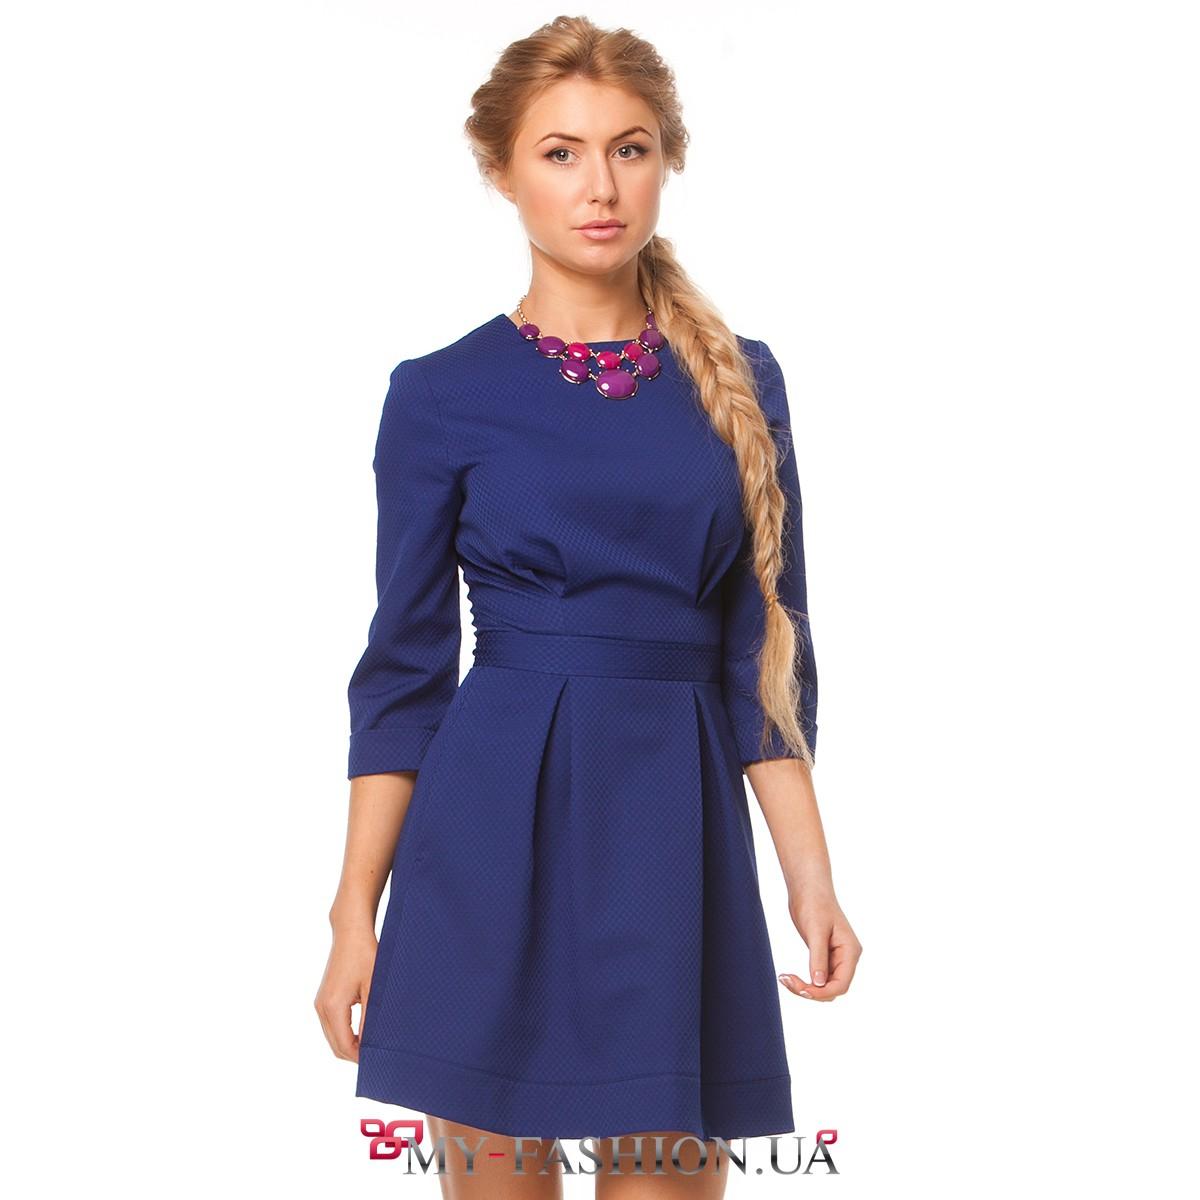 Платья со складочками